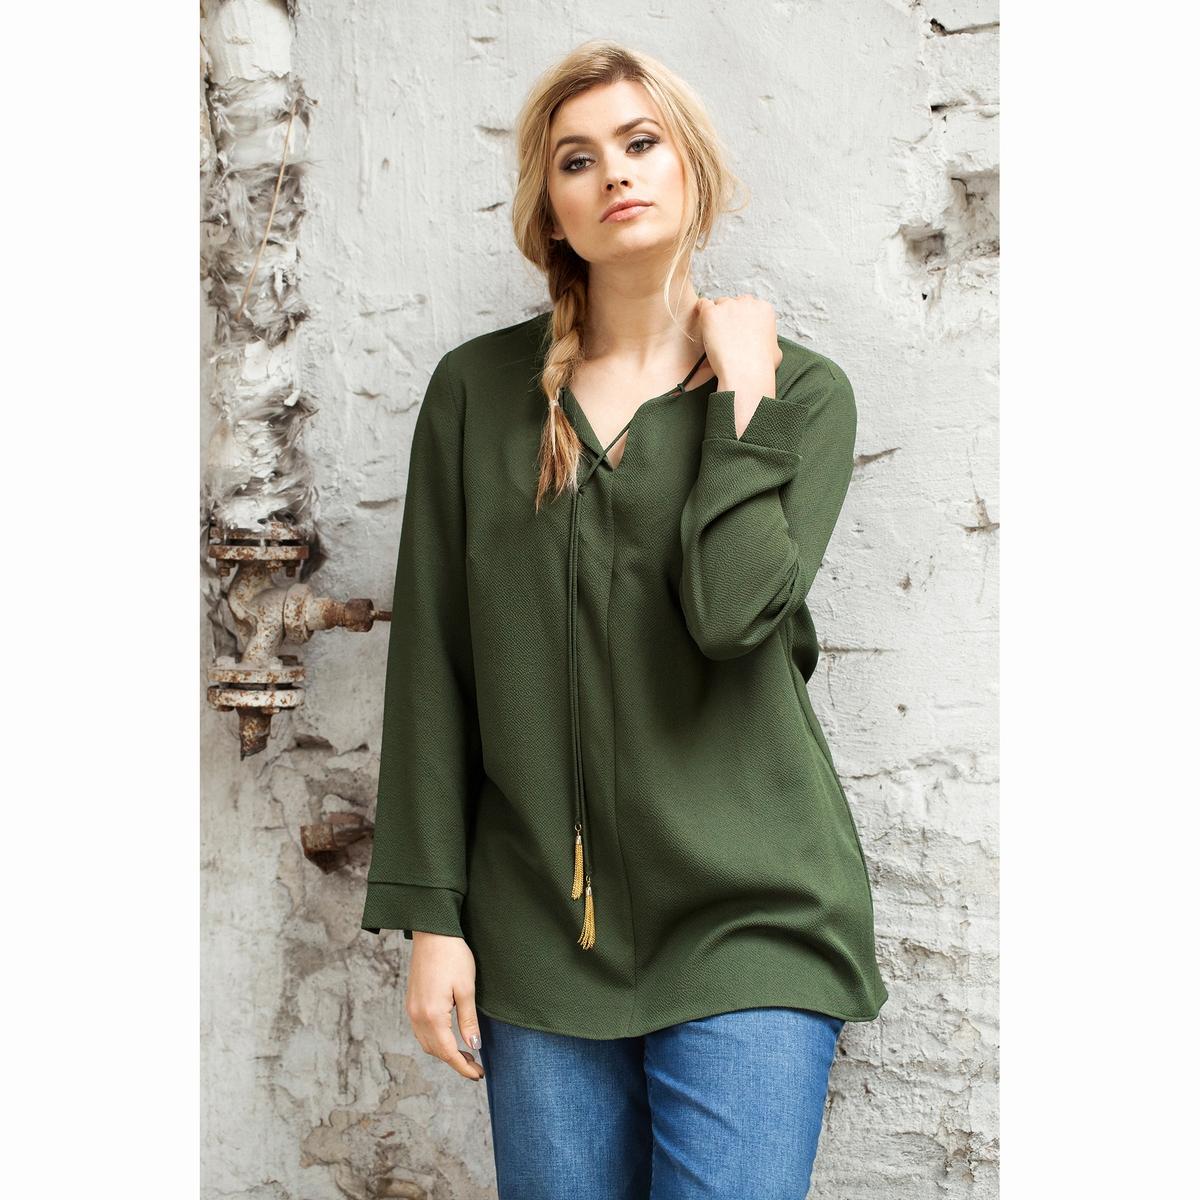 БлузкаБлузка - ULLA POPKEN. 98% полиэстера, 2% эластана. Длинная блузка из ткани с тонкой структурой, V-образный вырез с отложным воротником и шнурком . Длинные рукава с разрезами . Длина зависит от размера: от 76 до 81 см.<br><br>Цвет: хаки<br>Размер: 48/50 (FR) - 54/56 (RUS)